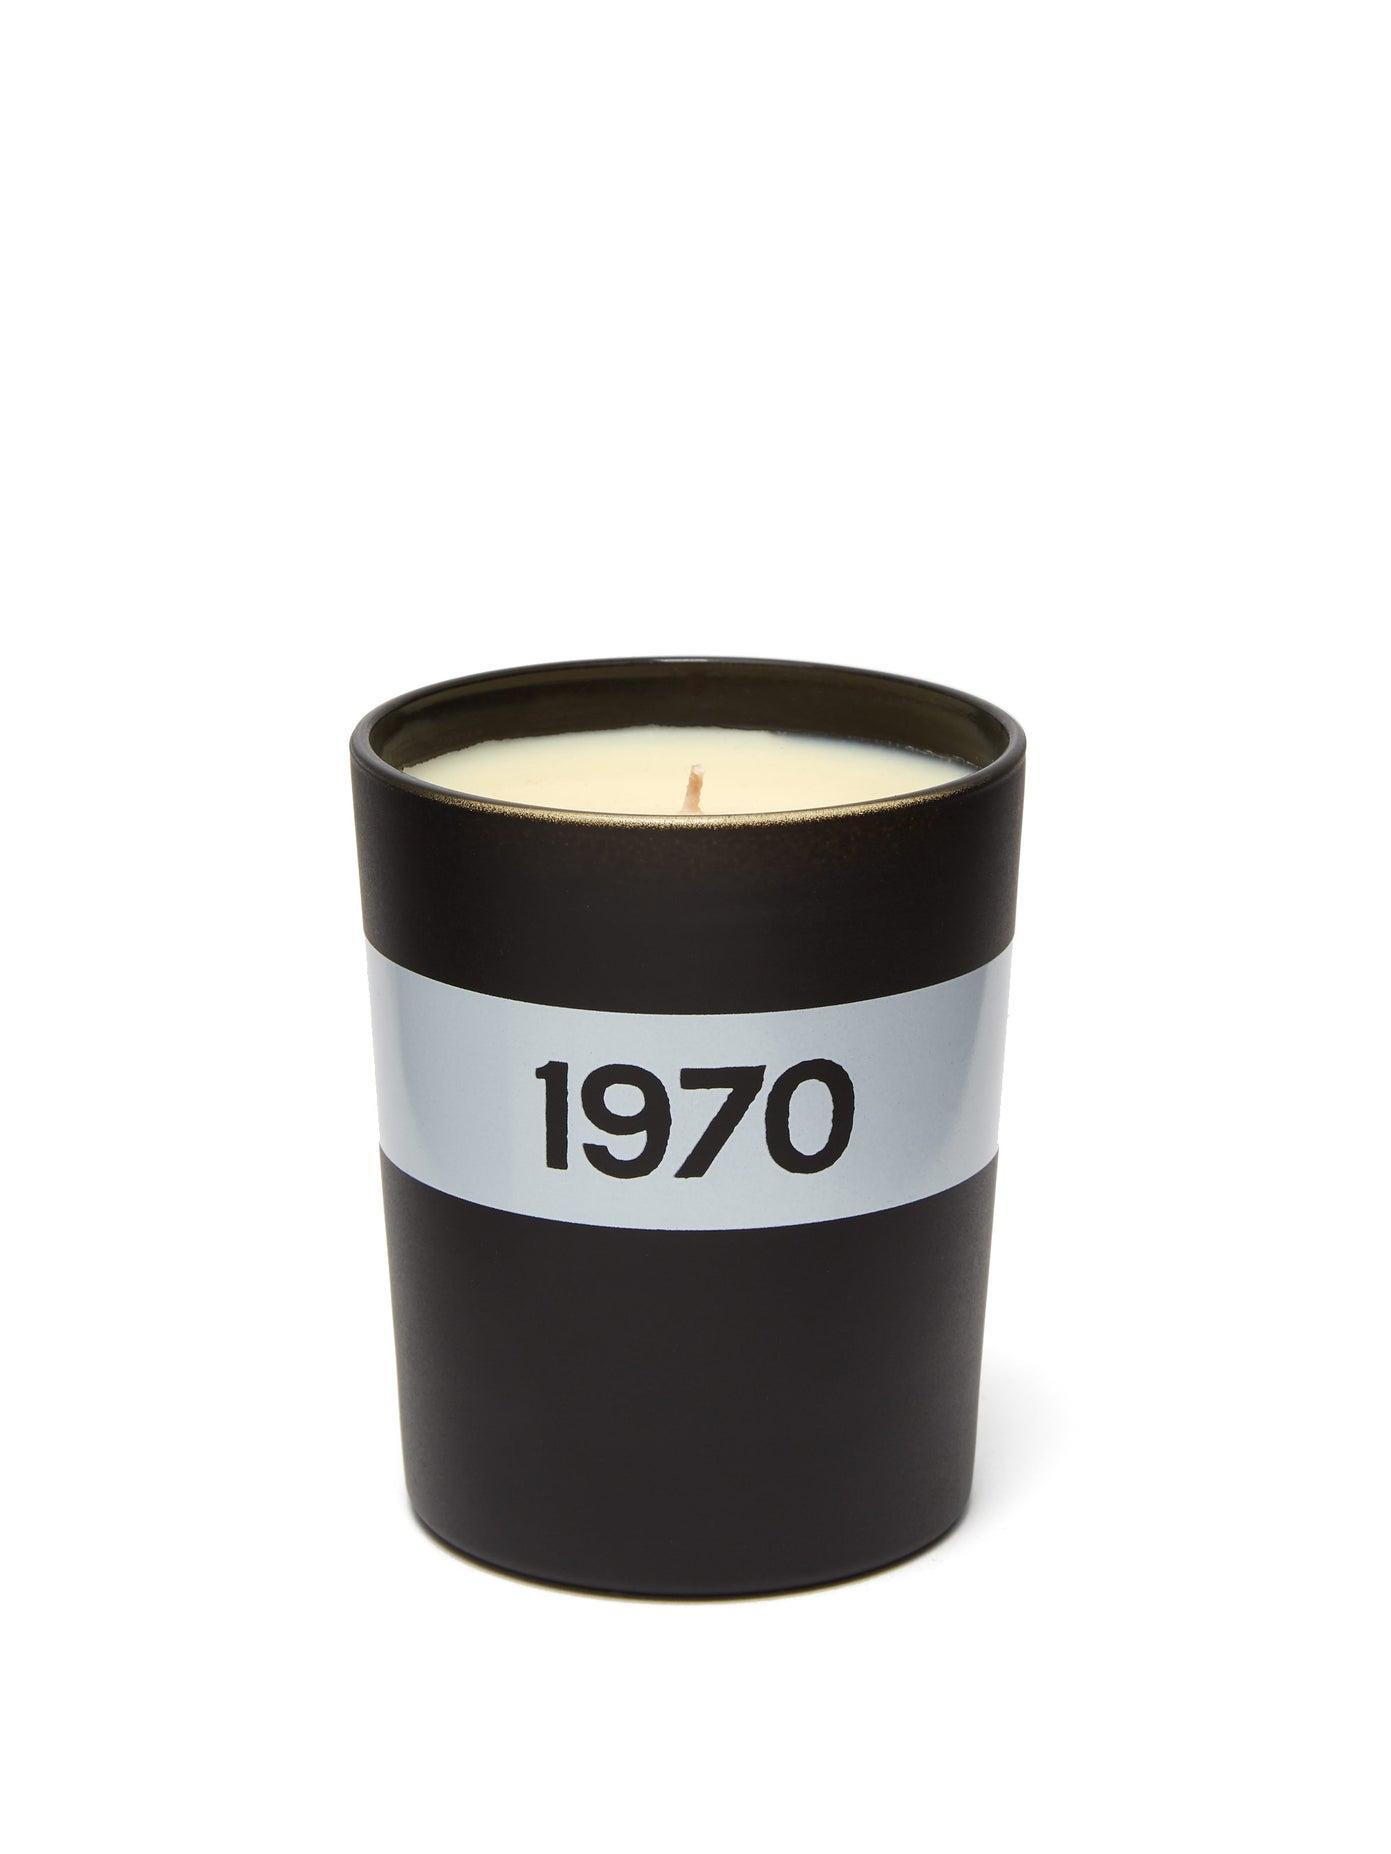 Ароматна свещ BELLA FREUD Inspired by the incense-heavy aromas of the decade, Bella Freud's black 1970 candle has a heady, inviting scent, ни казва търговецът, и добавя: Head notes: Vetiver, Heart notes: Frankincense. Myrrh, Oakmoss, Patchouli oils, Base notes: Musk and sandalwood, Burn time: 40 hours...  Ами, как се удържа на това на Коледа. Цена: 96 лв.